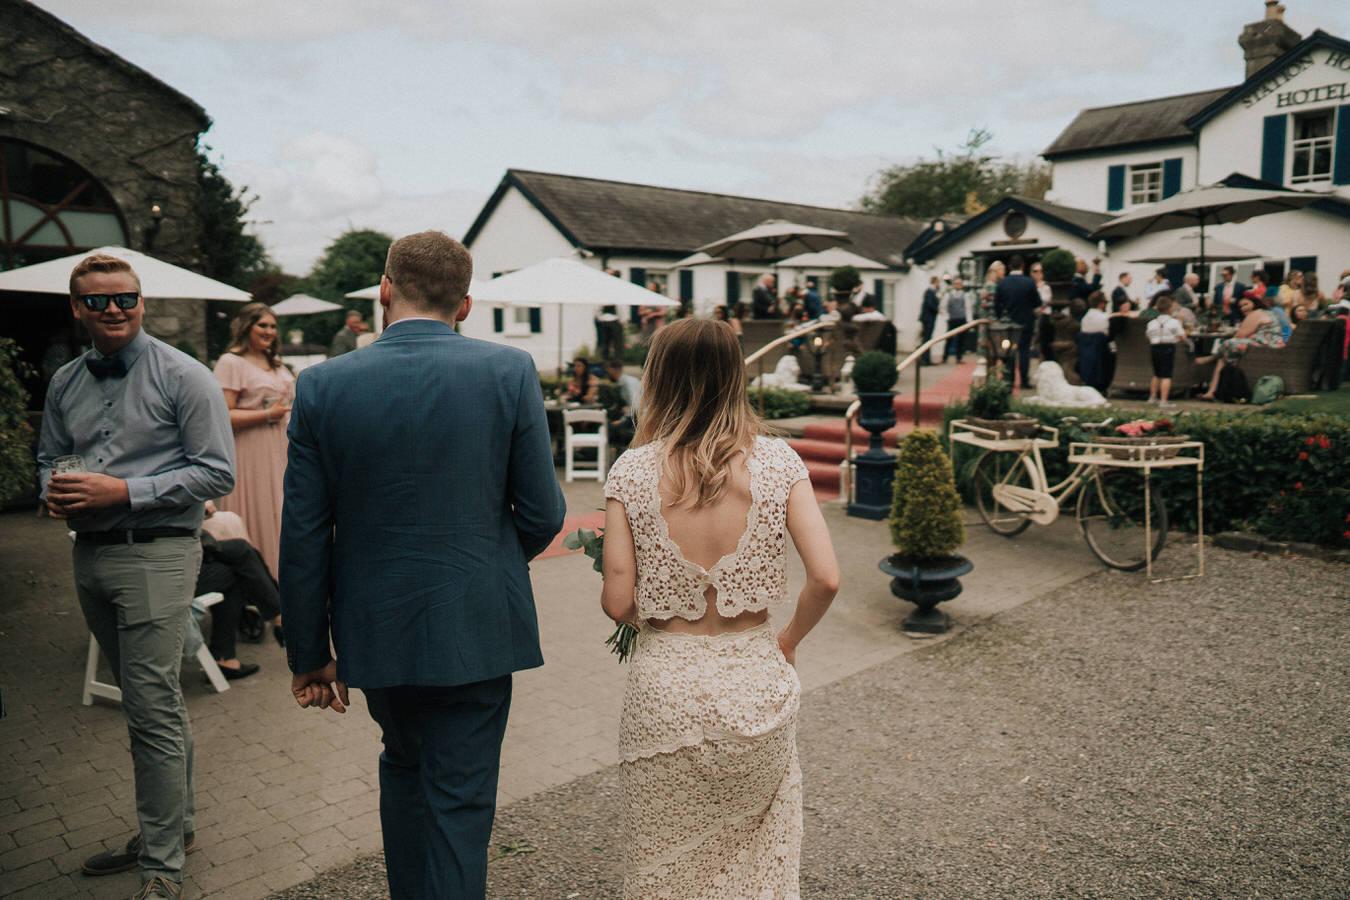 The-Station-House-wedding-Dublin-photographer- 0120 118